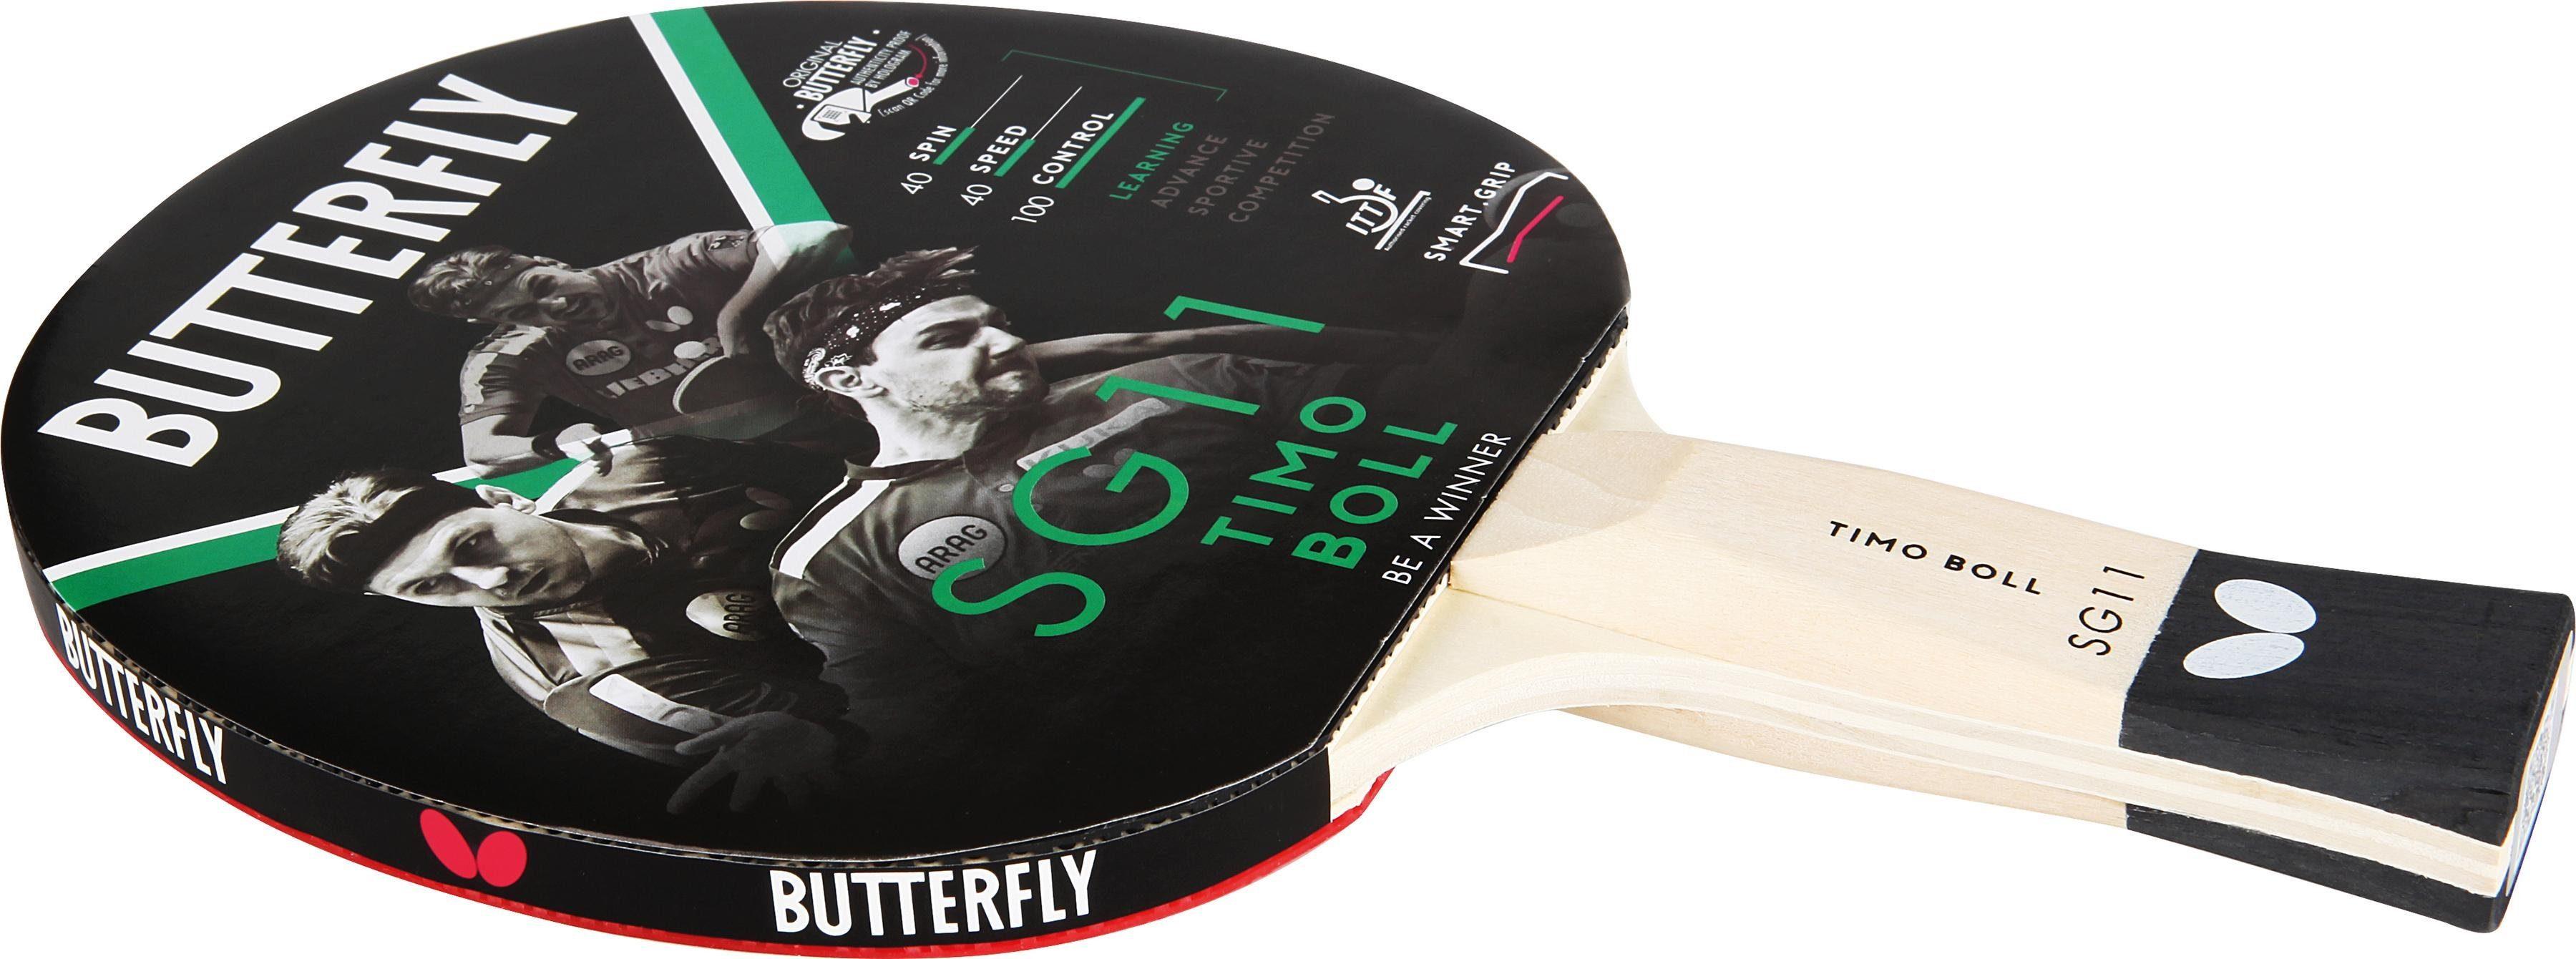 Butterfly Tischtennisschläger Timo Boll SG11 Technik & Freizeit/Sport & Freizeit/Sportarten/Tischtennis/Tischtennis-Ausrüstung